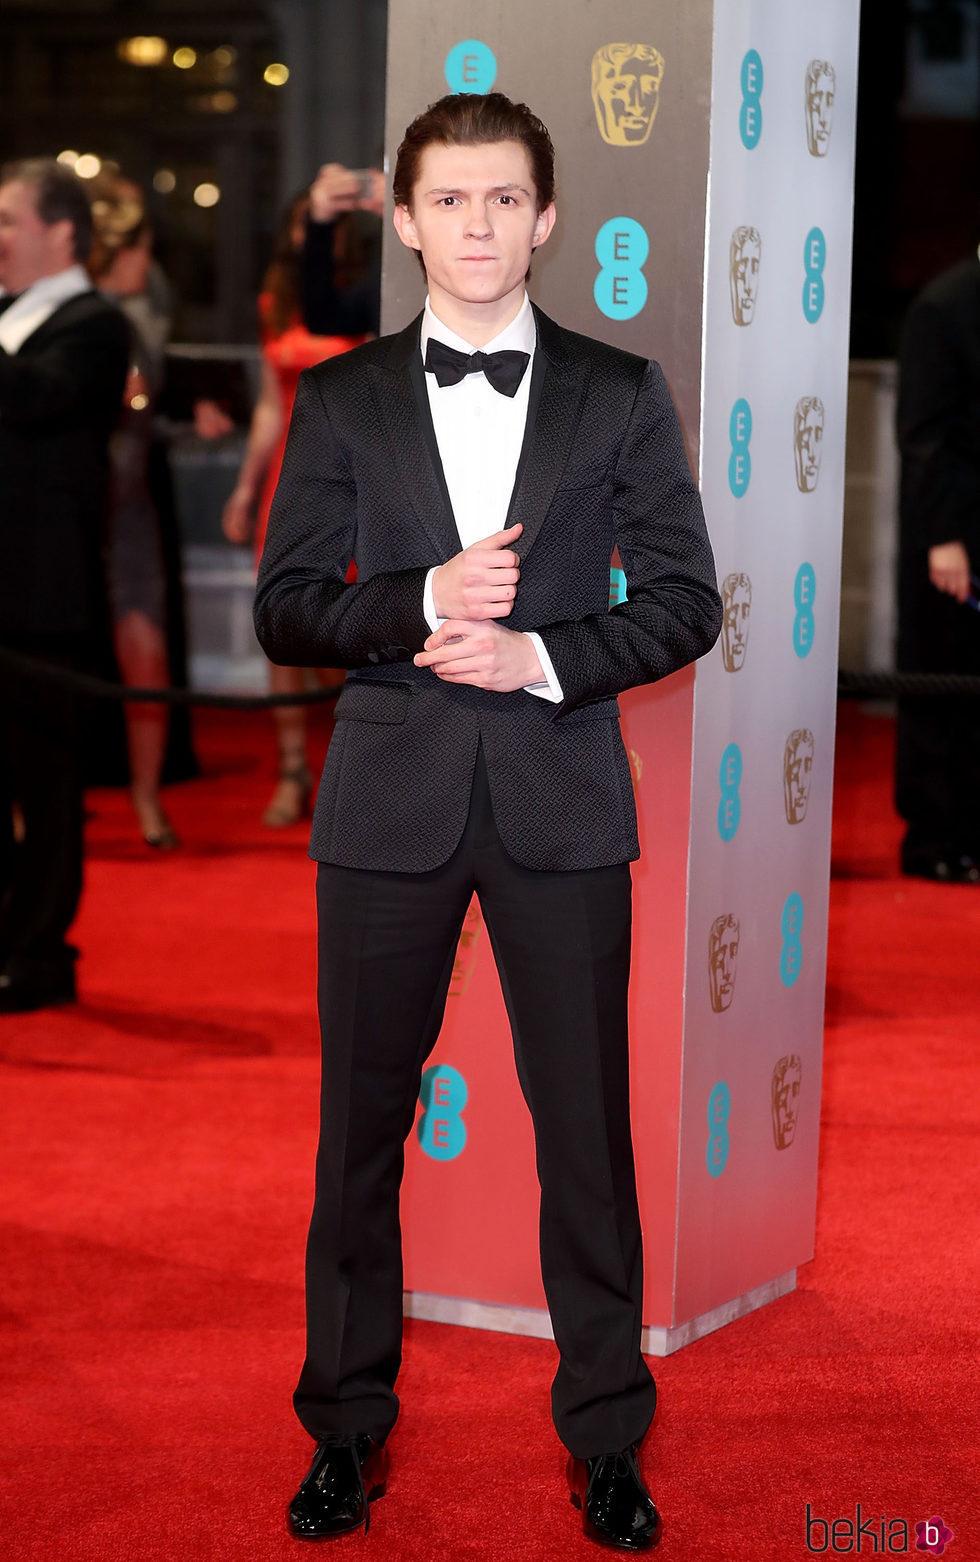 Tom Holland en la alfombra roja de los Premios Bafta 2017